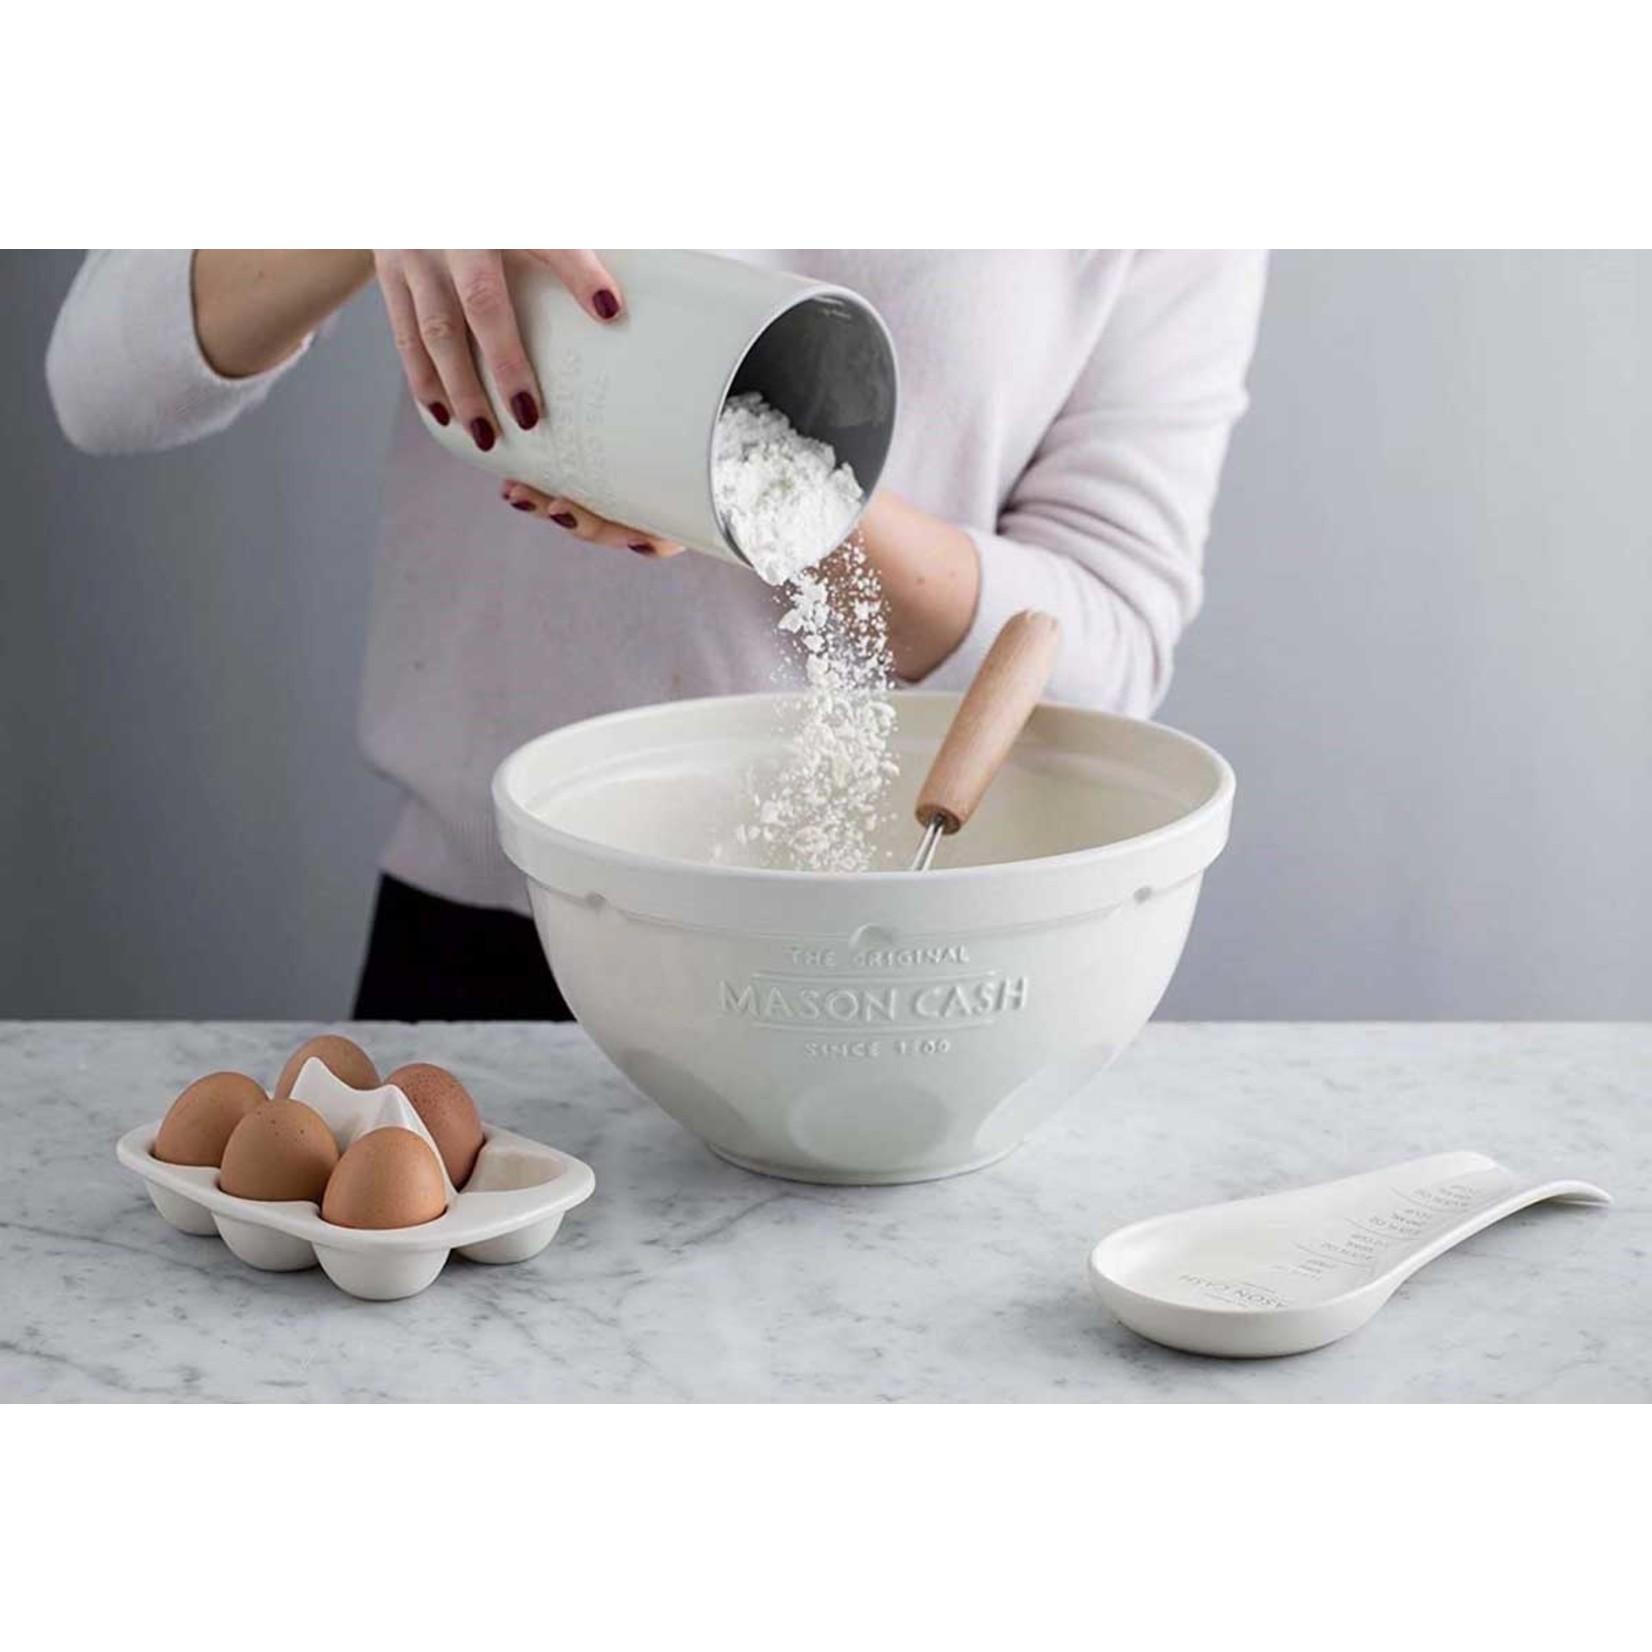 Mason Cash Innovative Kitchen Egg Store